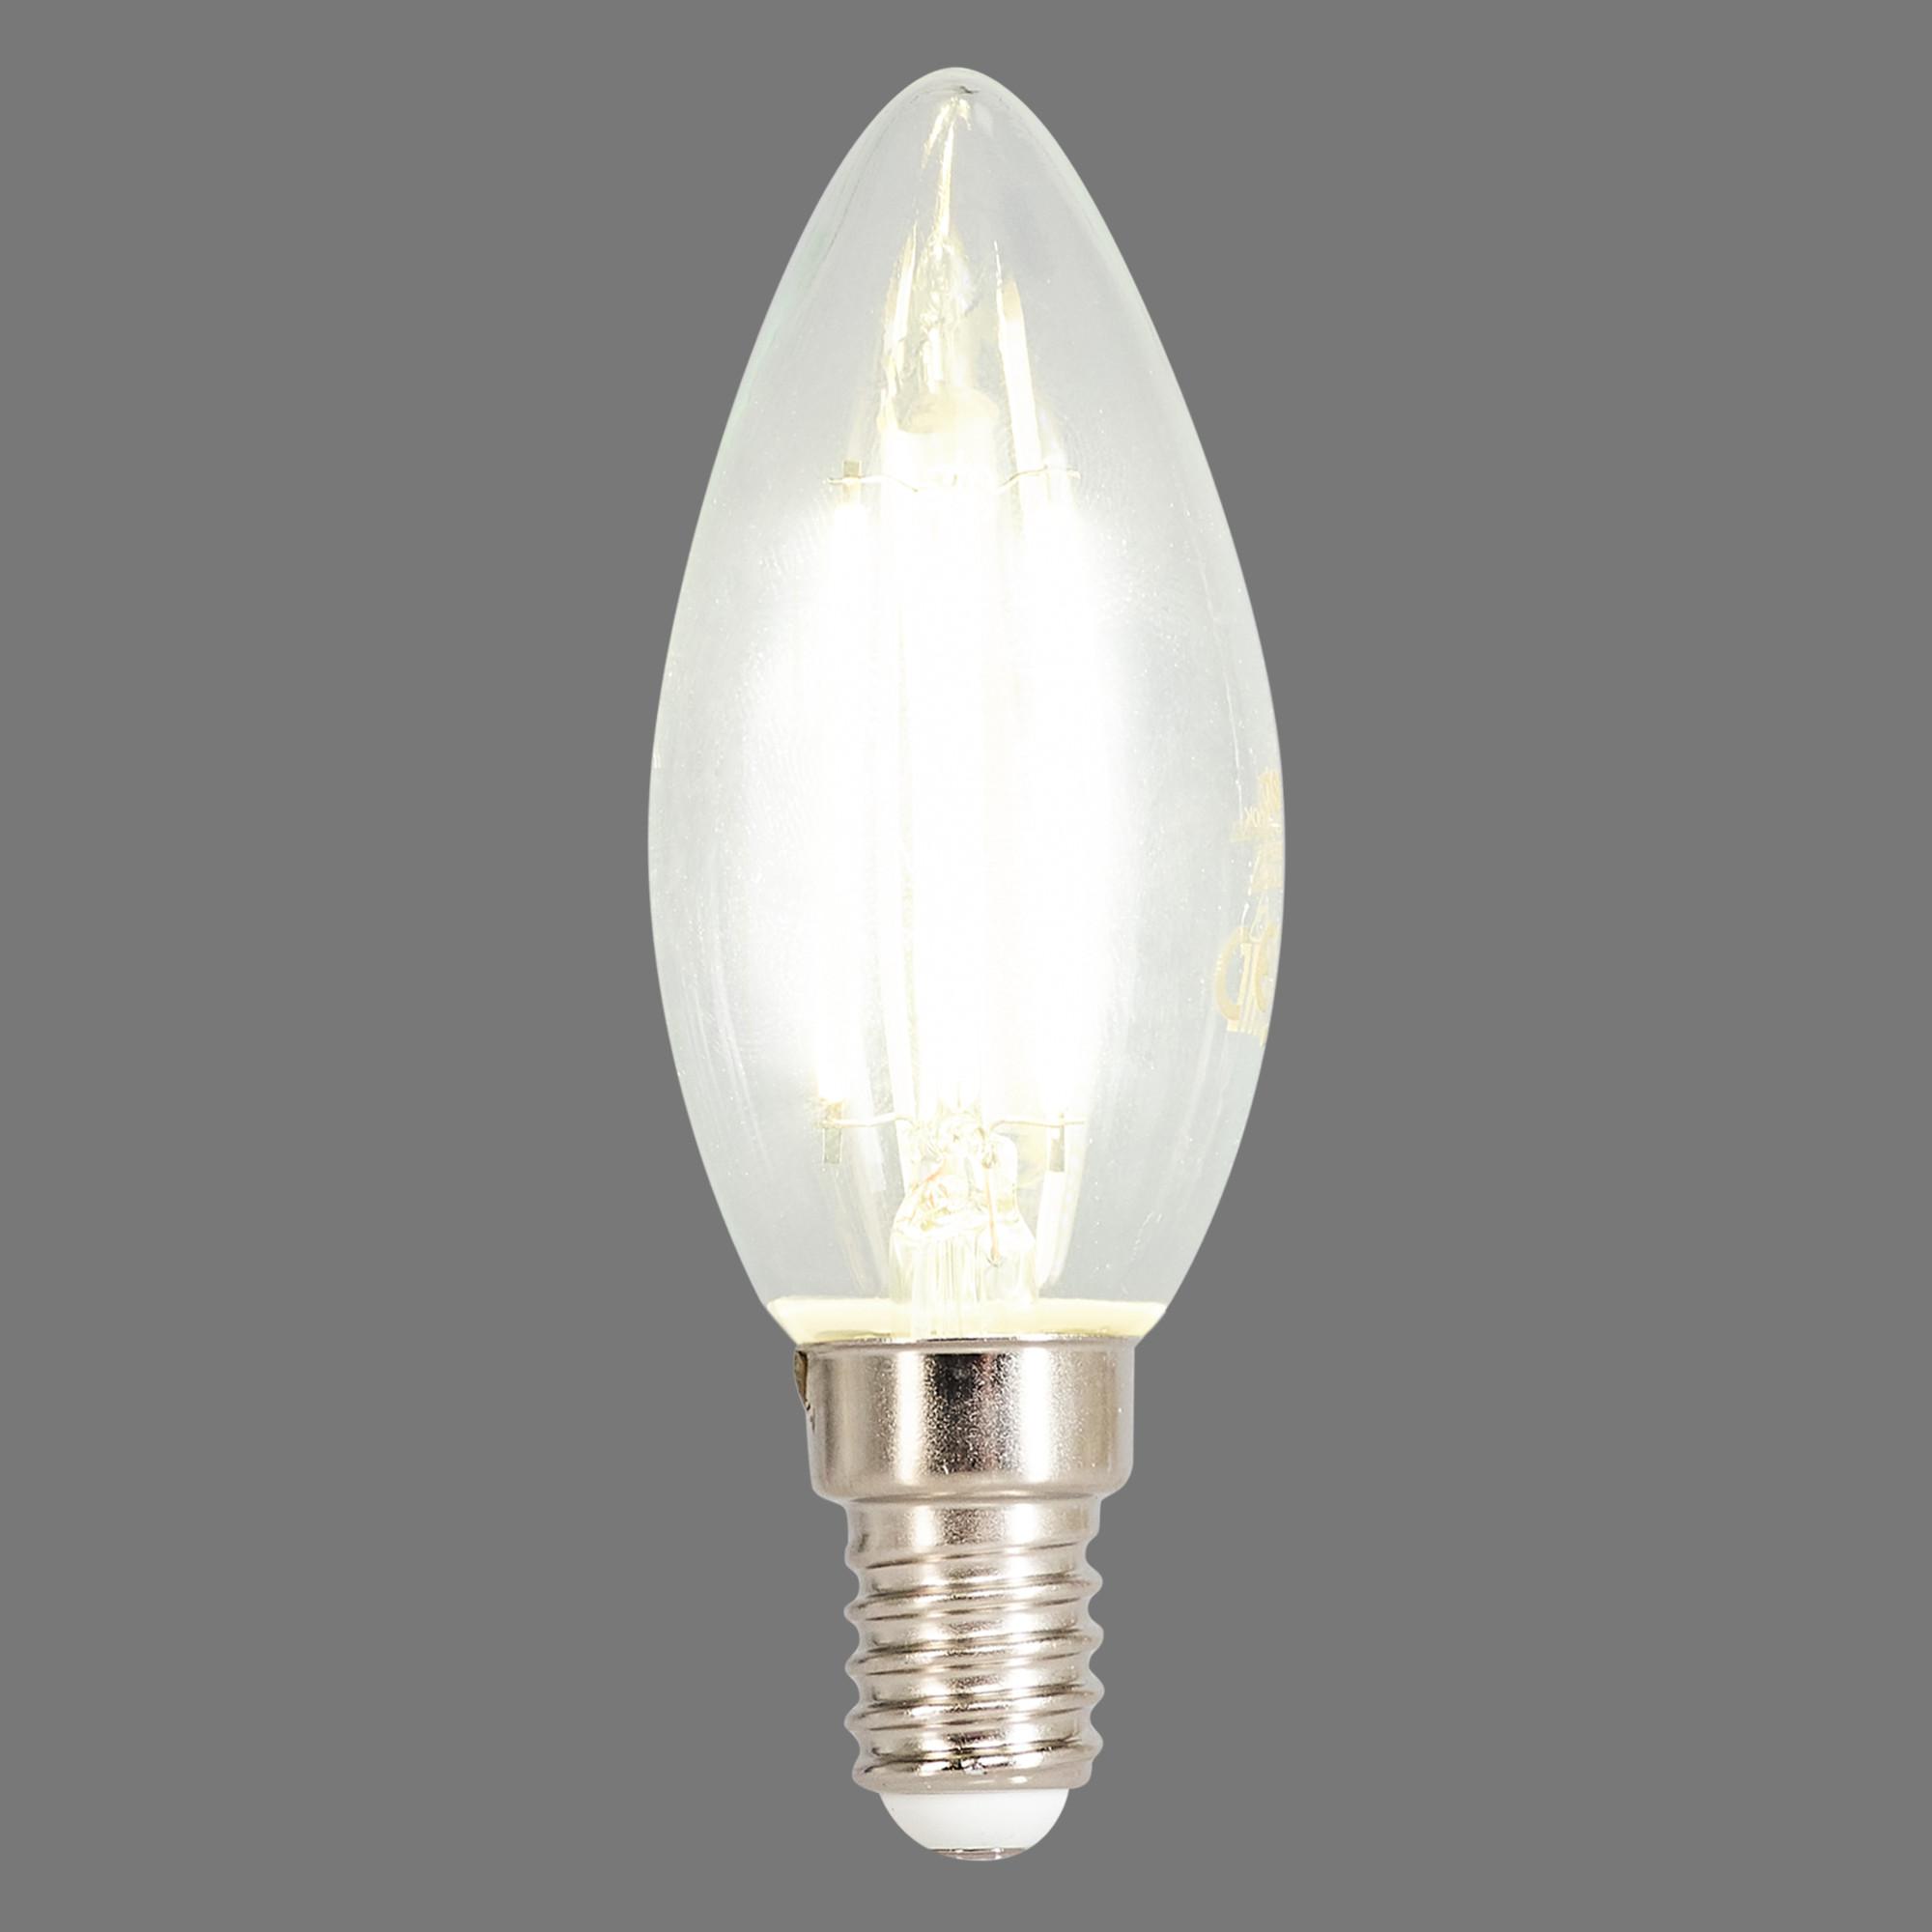 Лампа светодиодная филаментная Osram E14 220 В 5 Вт свеча прозрачная 520 лм белый свет для диммера